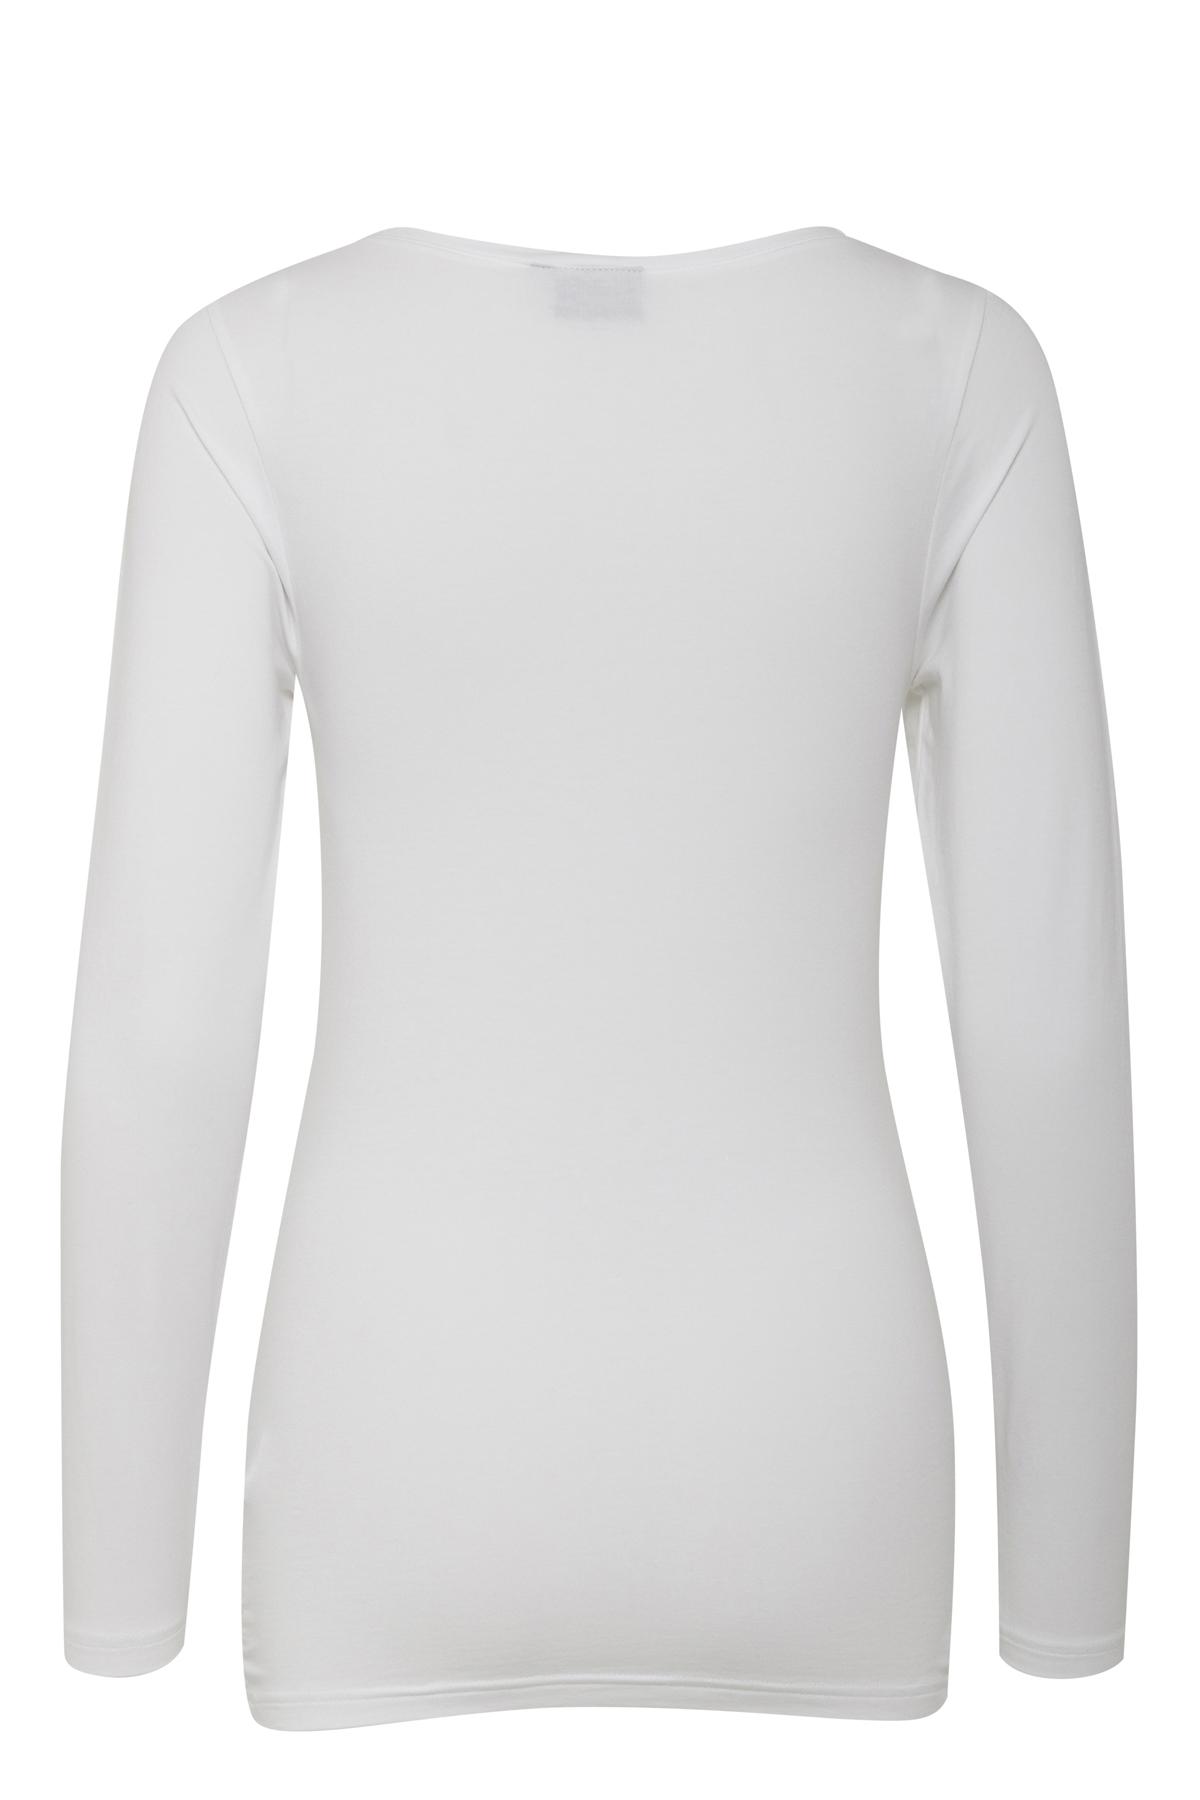 Optical White Langarm-Shirt von b.young – Kaufen Sie Optical White Langarm-Shirt aus Größe XS-XXL hier